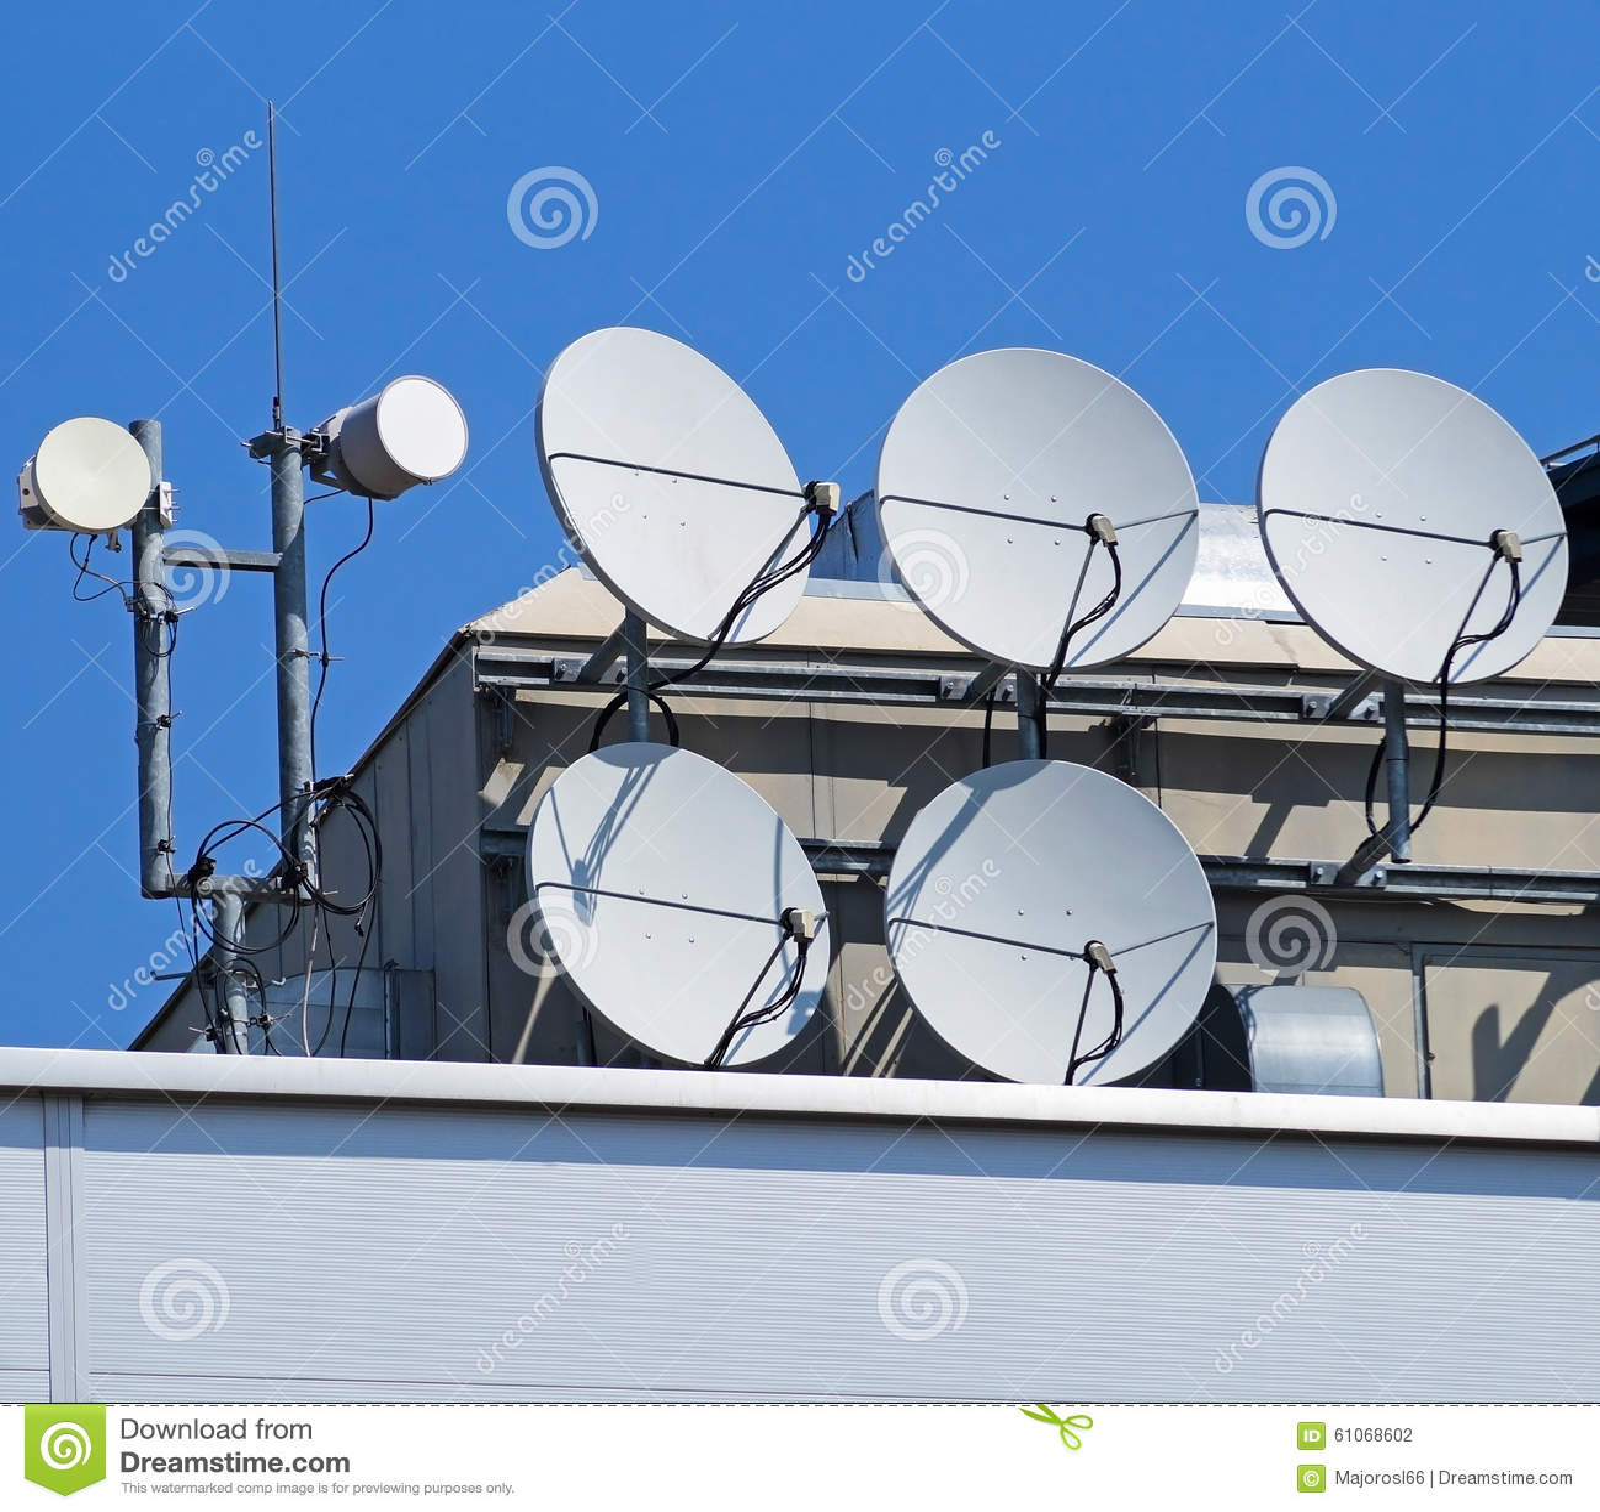 Antenas parab licas en el top de un edificio foto de for Antenas parabolicas en granada